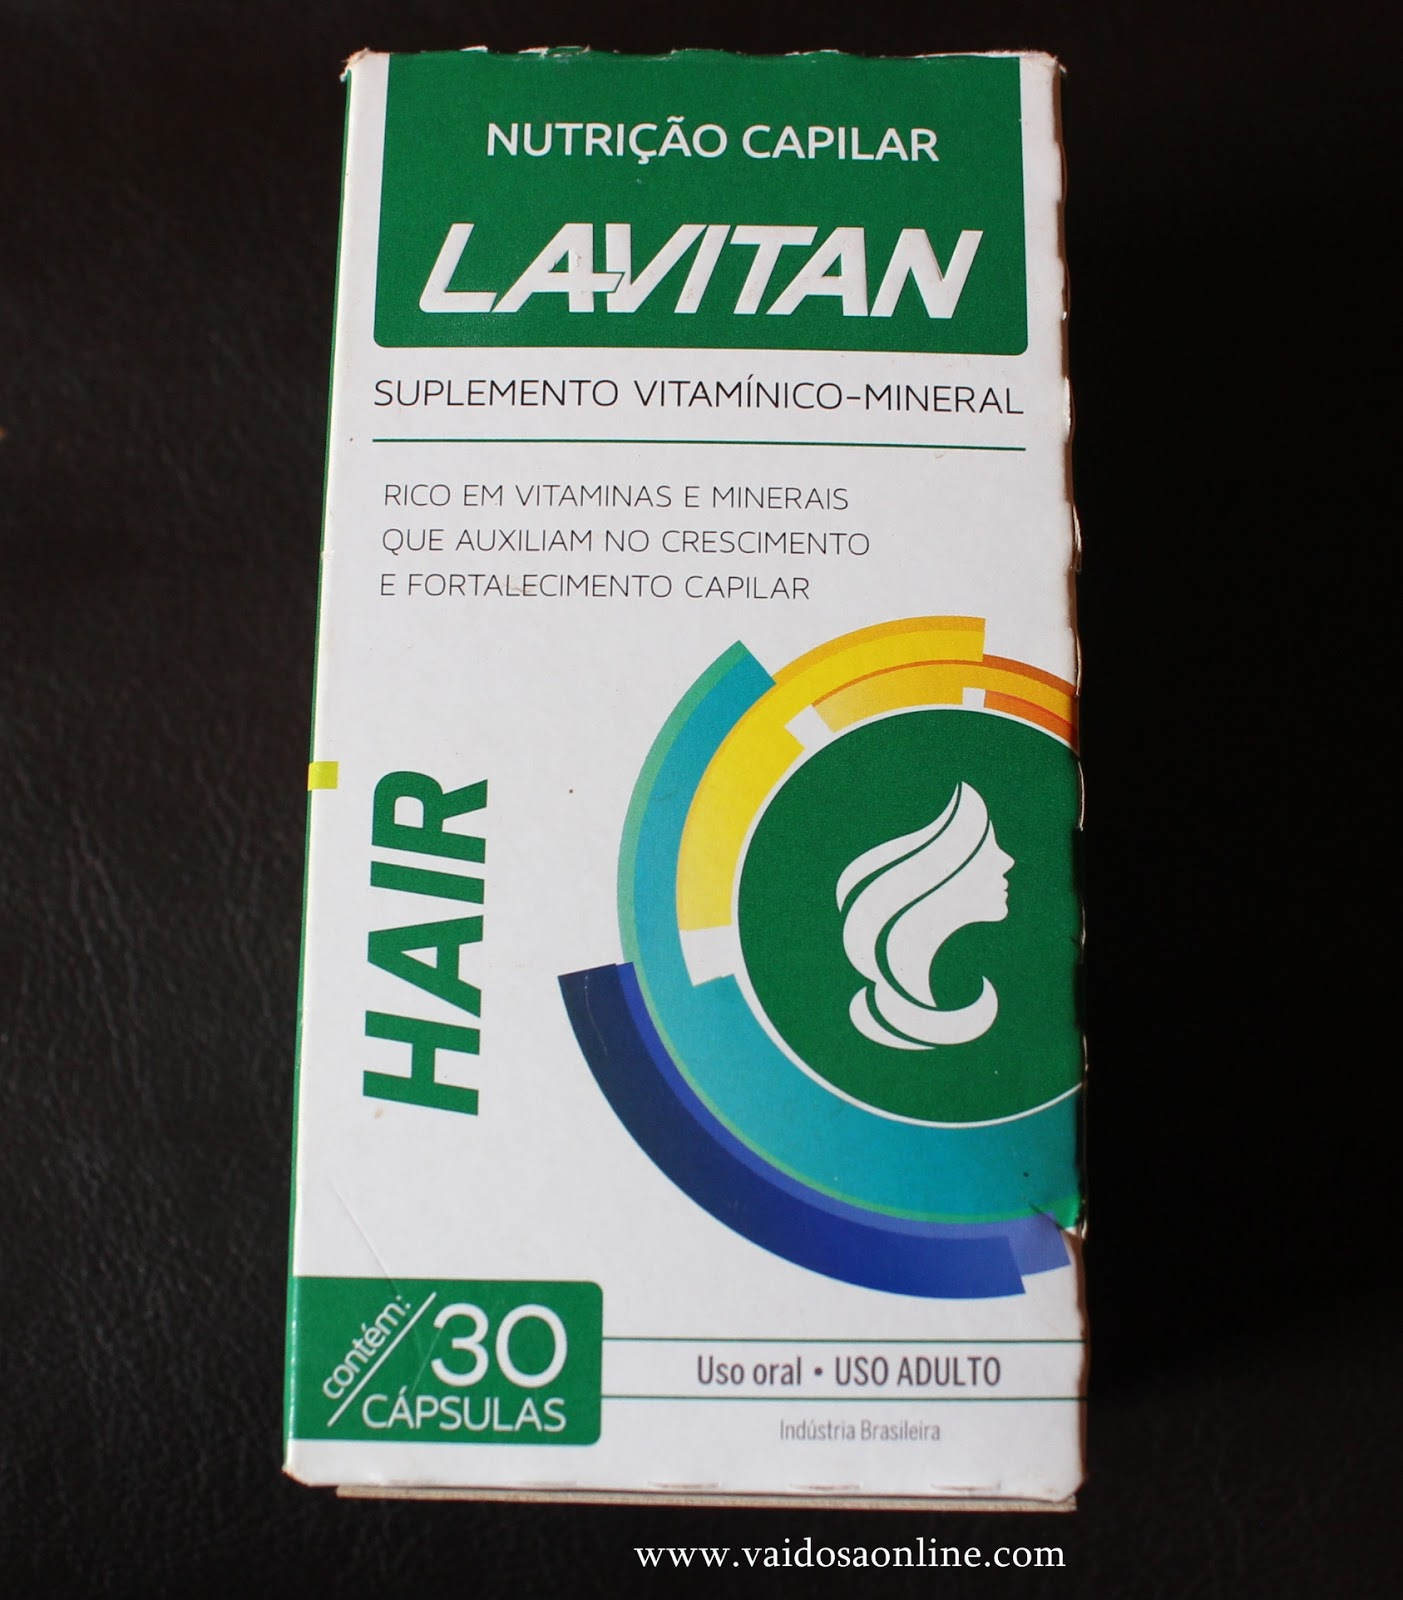 fa7847c3d8 Vaidosa Online  Lavitan Hair resenha detalhada